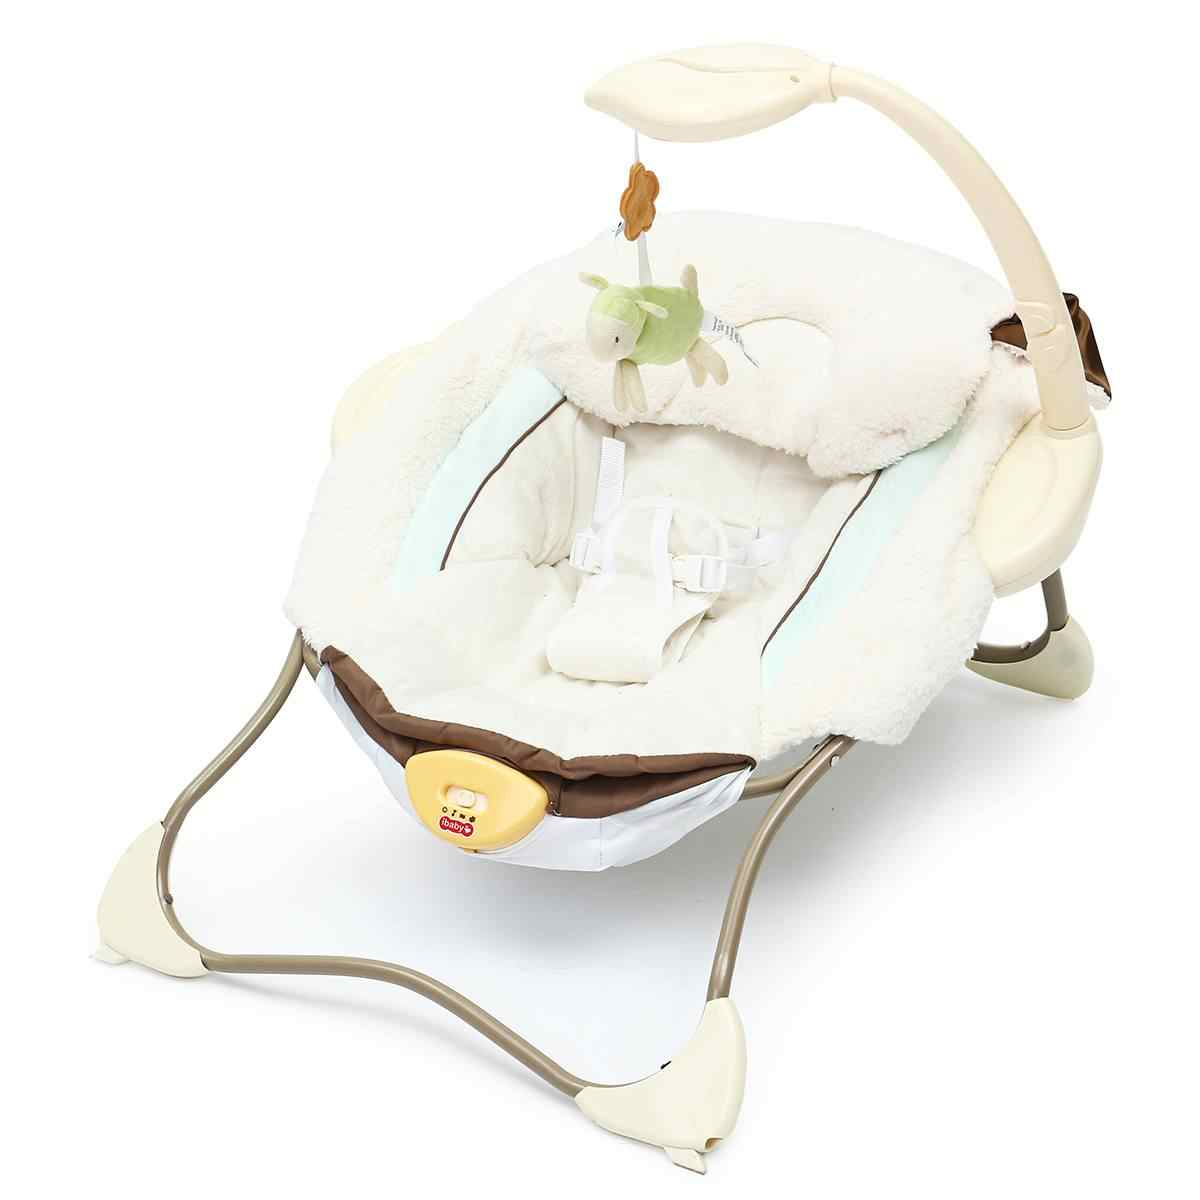 Портативная детская колыбель вышибатель электрическая качели кресло для отдыха игрушки Музыка многофункциональная складная кровать для новорожденных